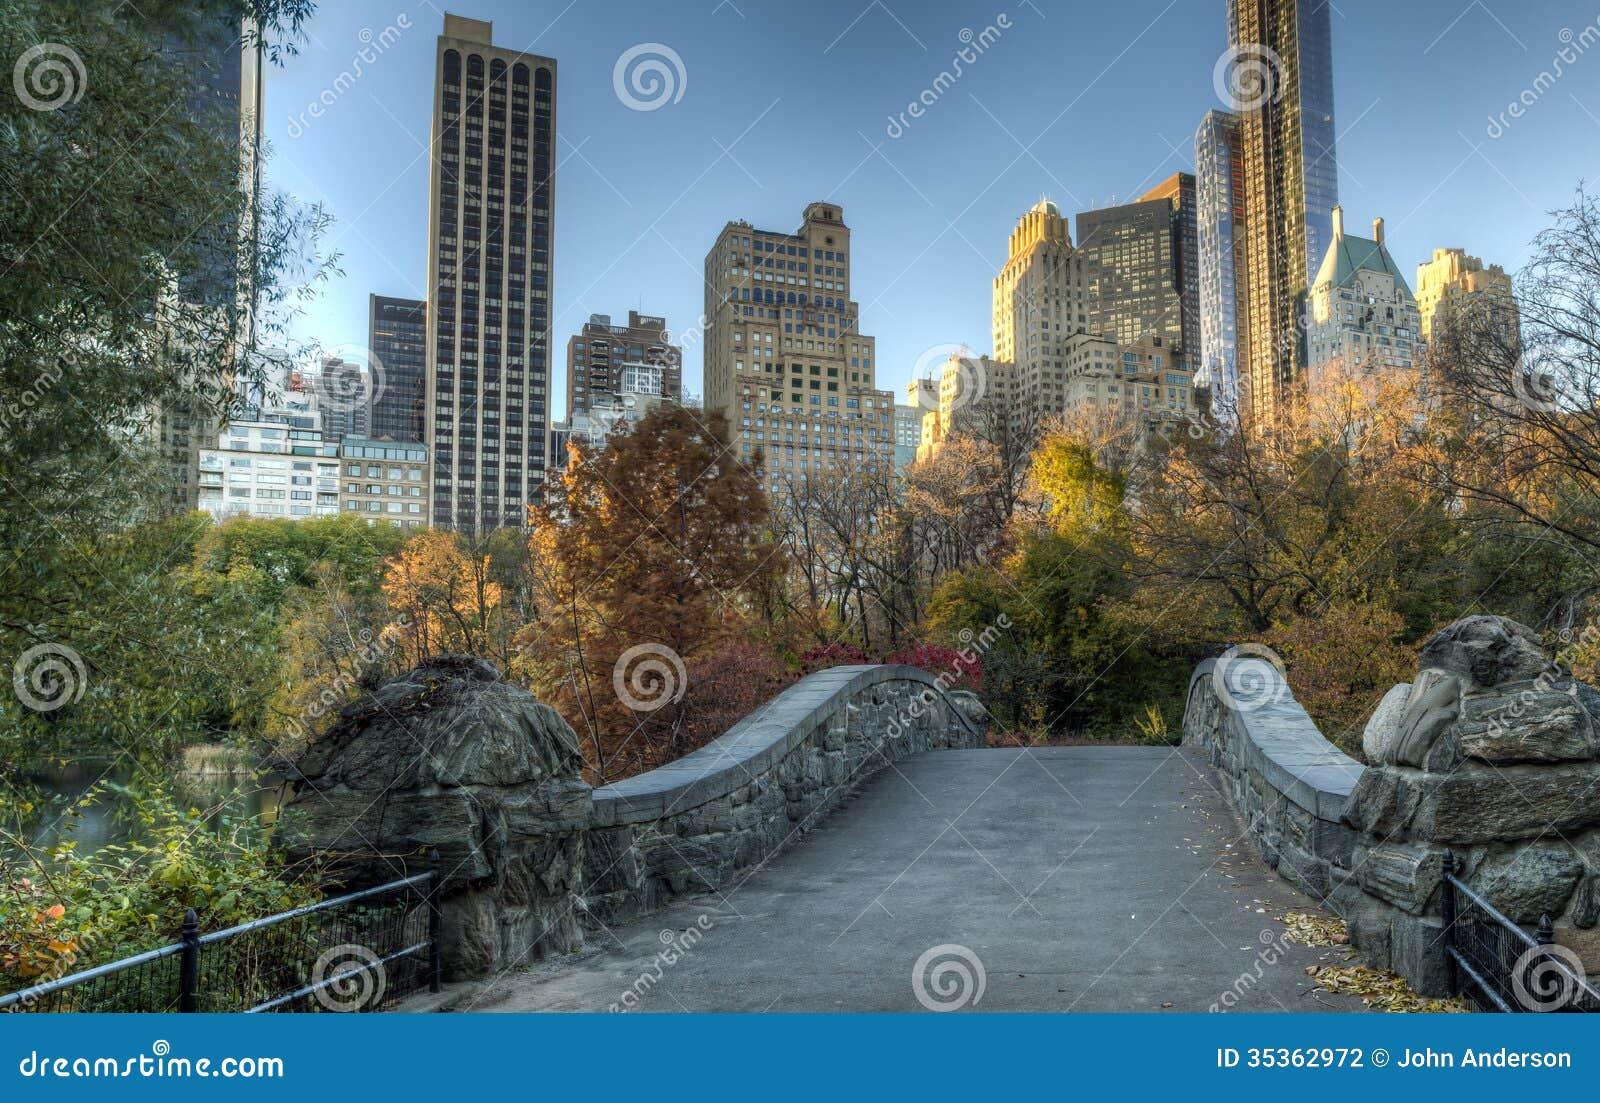 Het Central Park van de Gapstowbrug, de Stad van New York